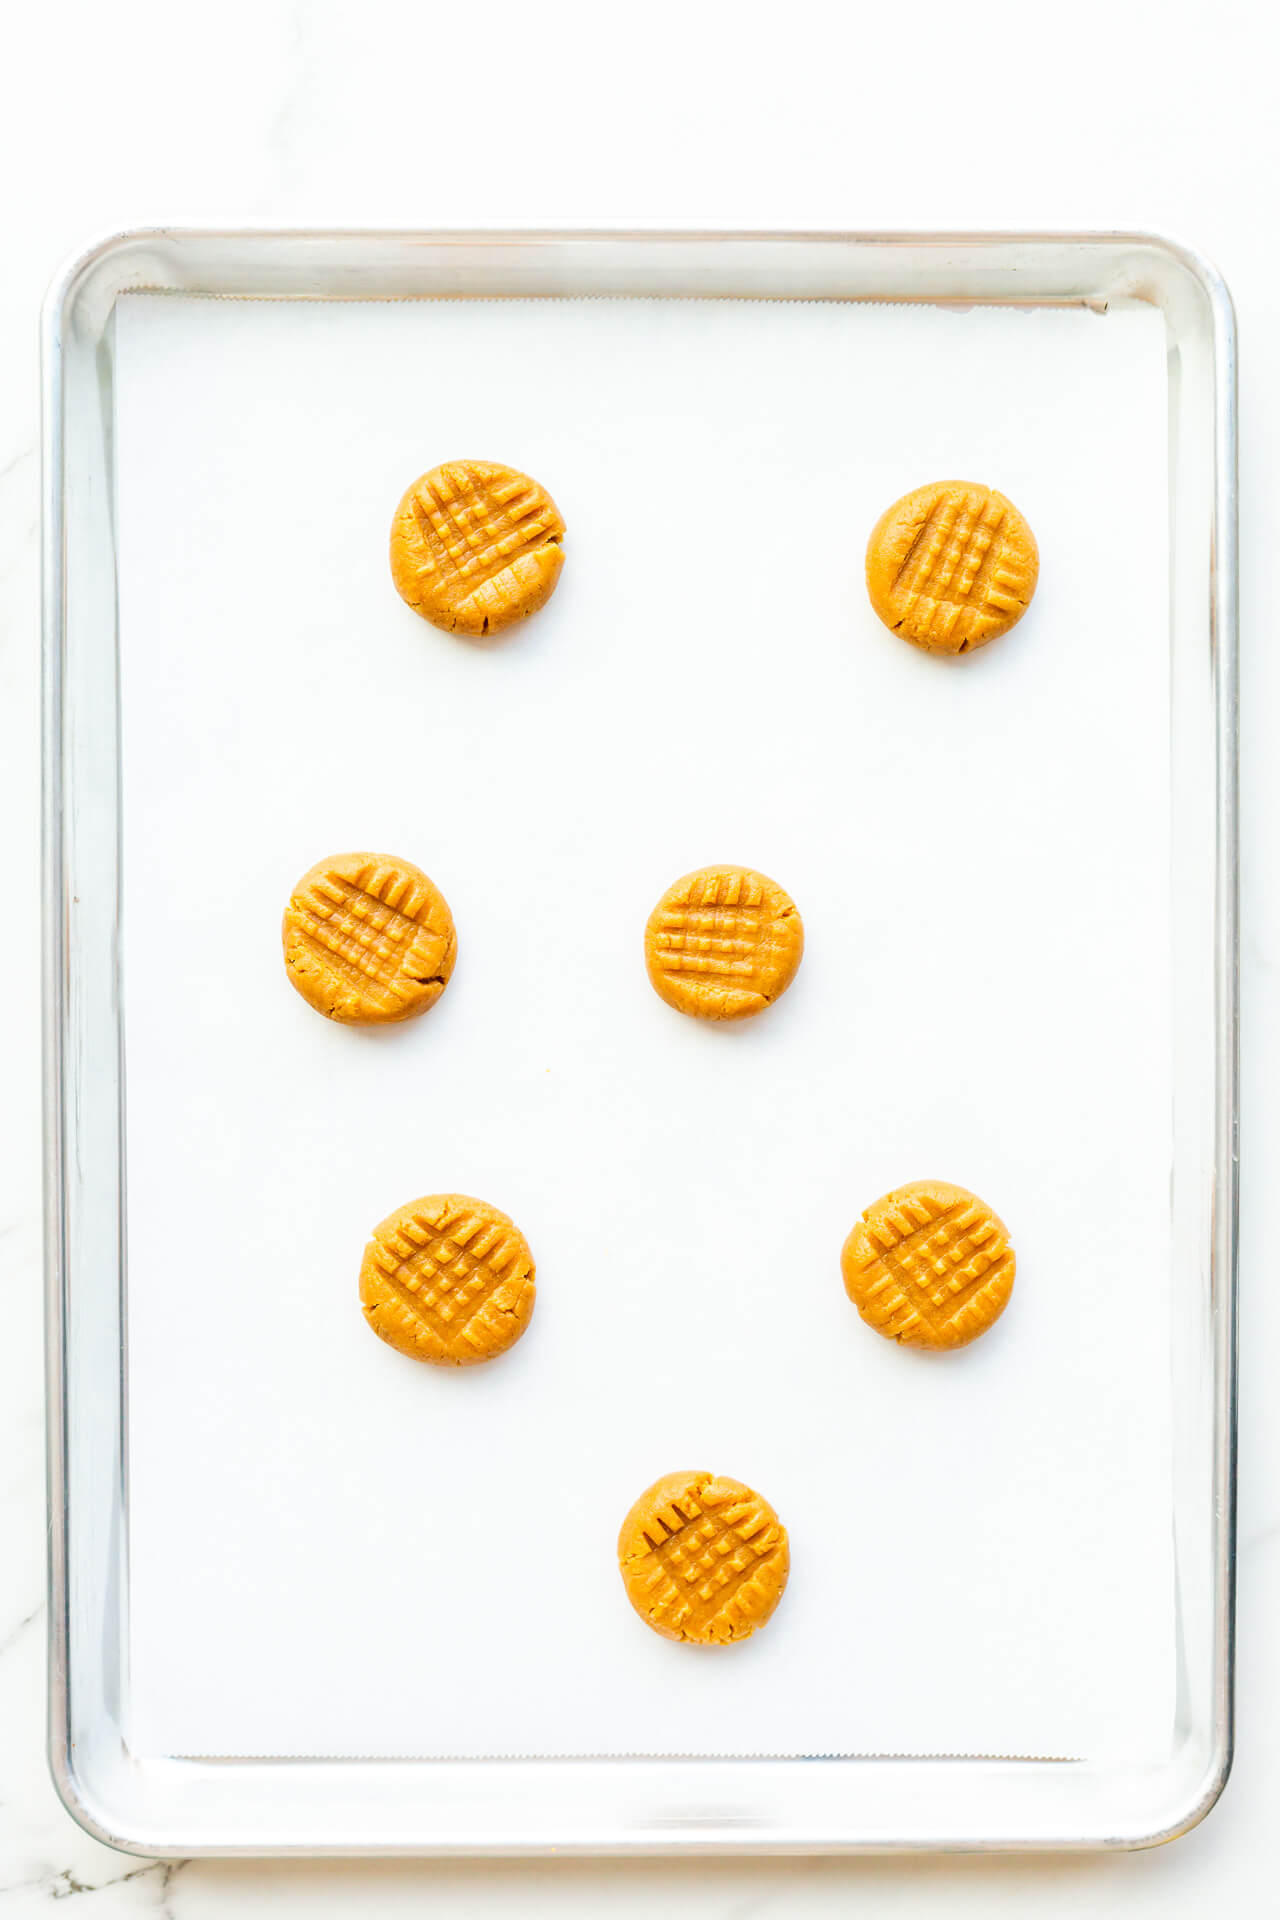 Flourless peanut butter cookies with criss cross pattern